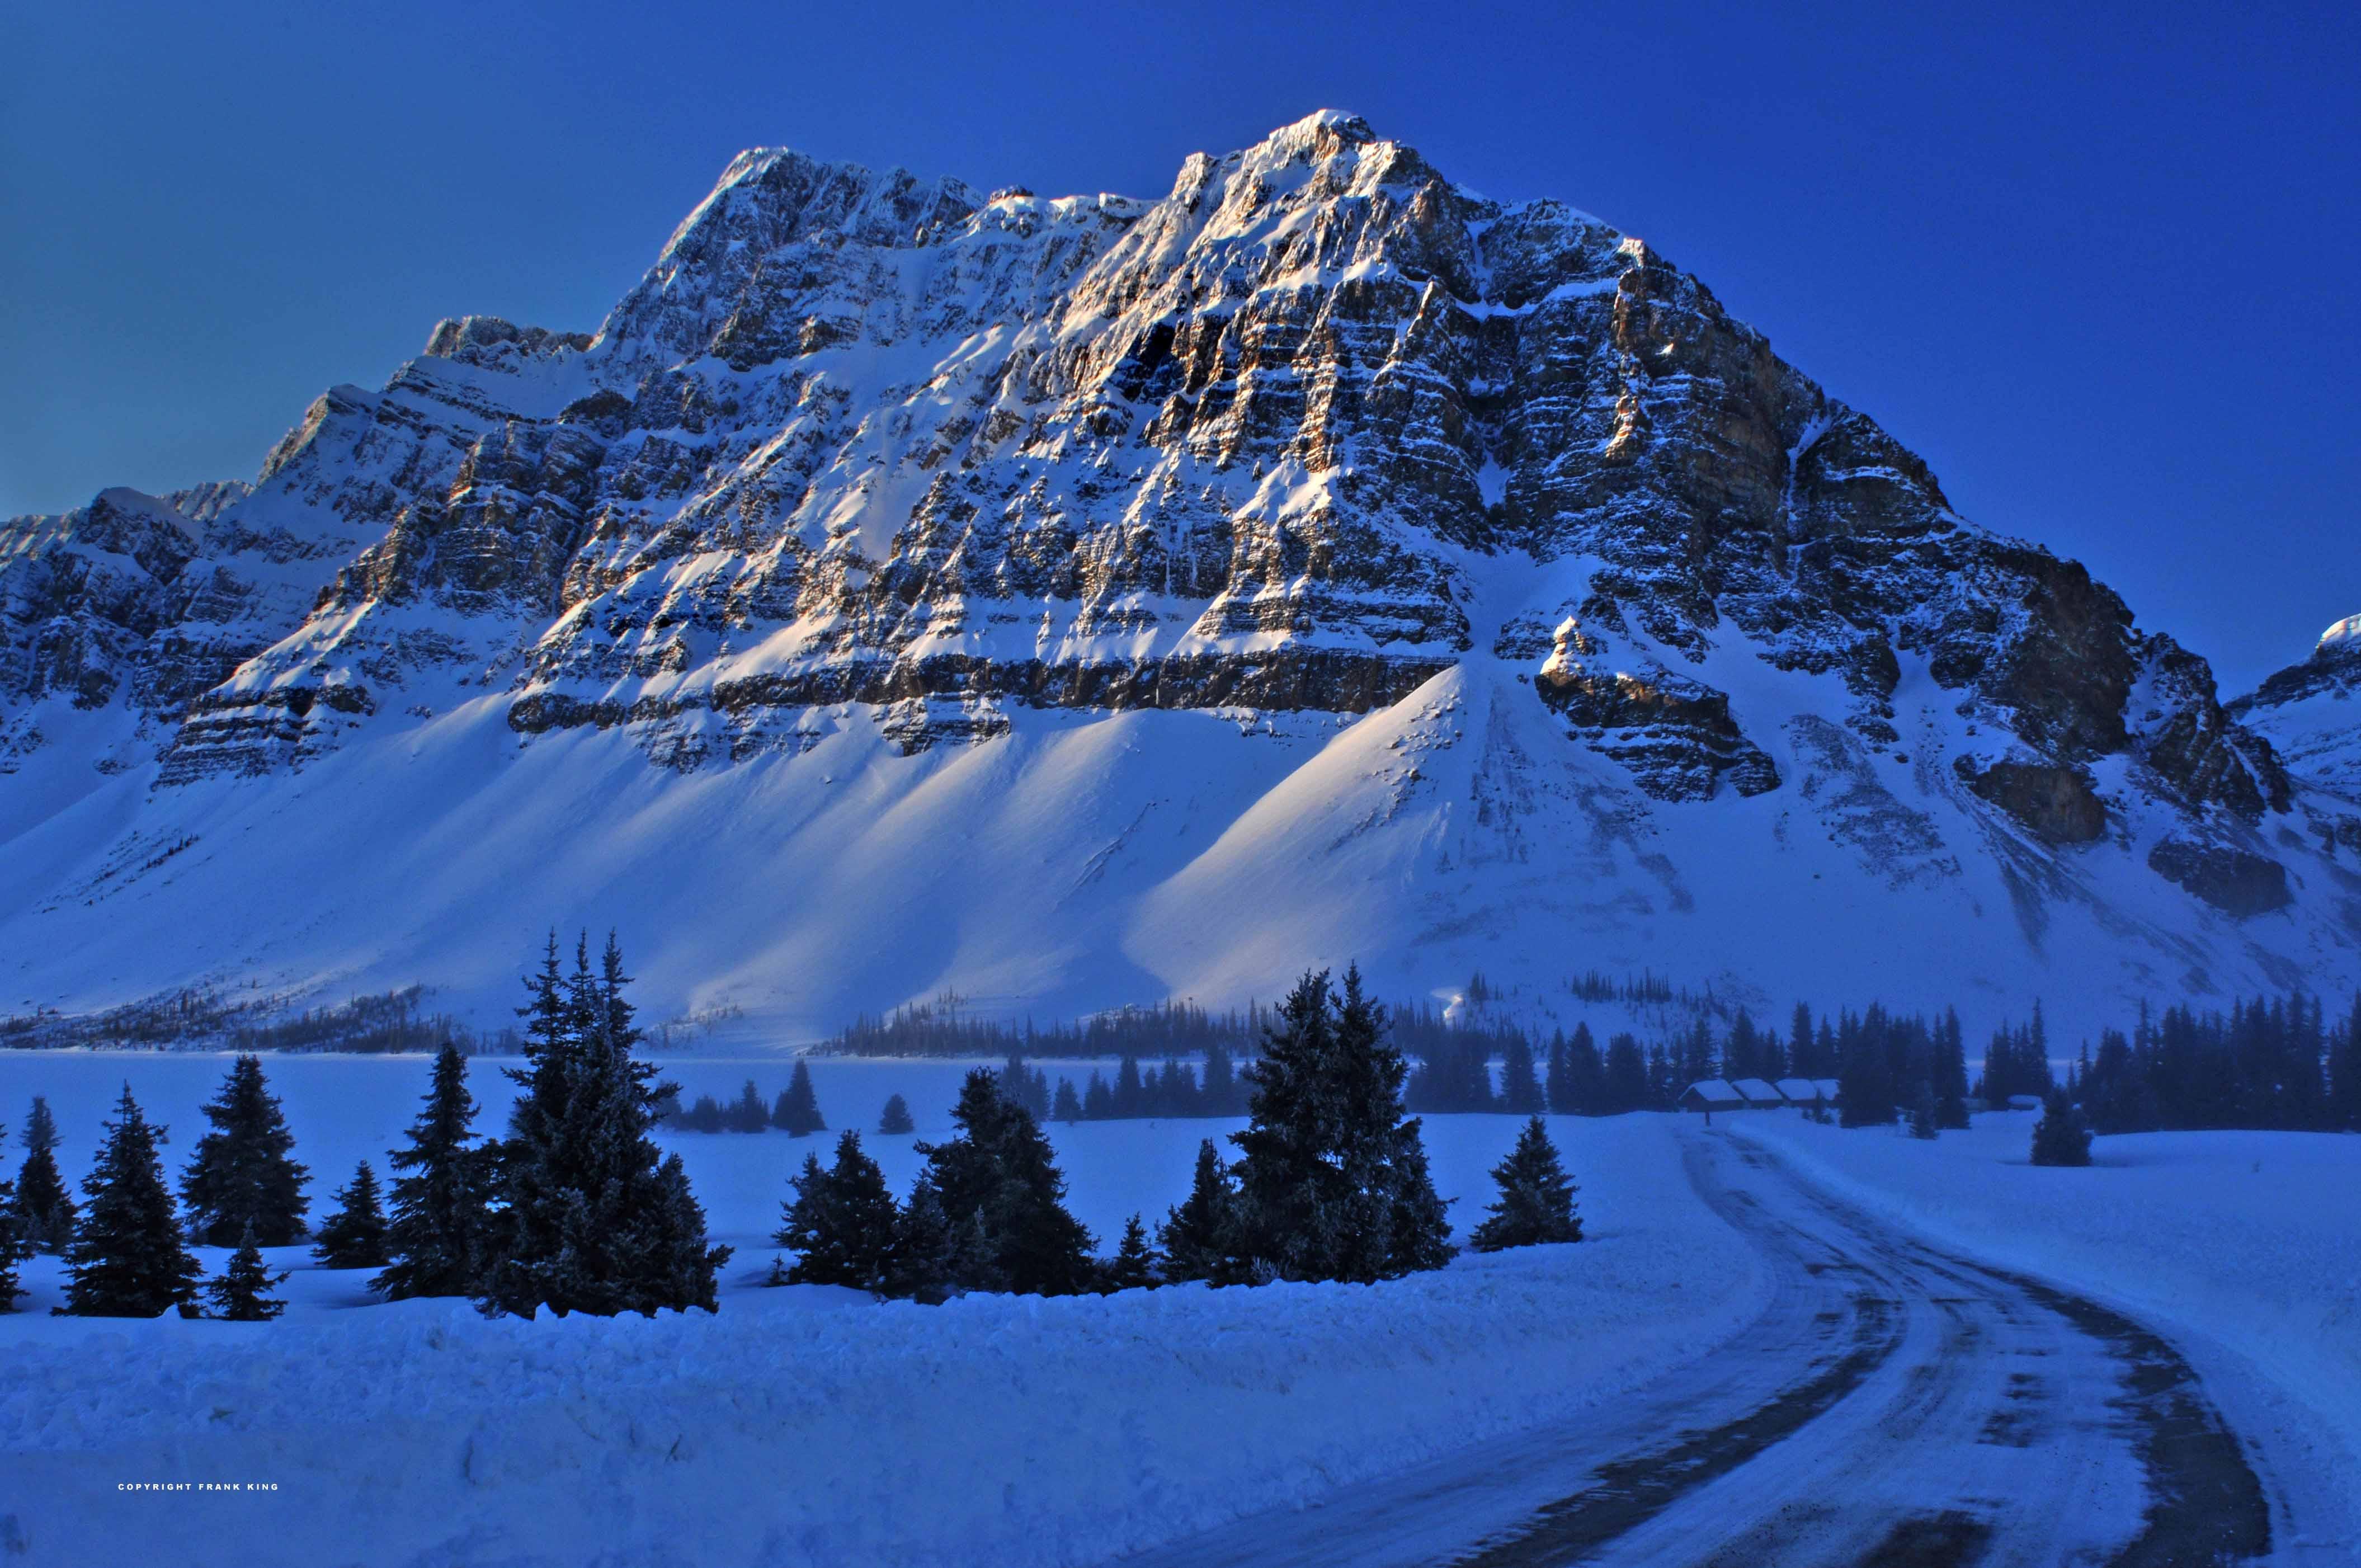 природа зима снег горы скалы деревья  № 2781173 без смс